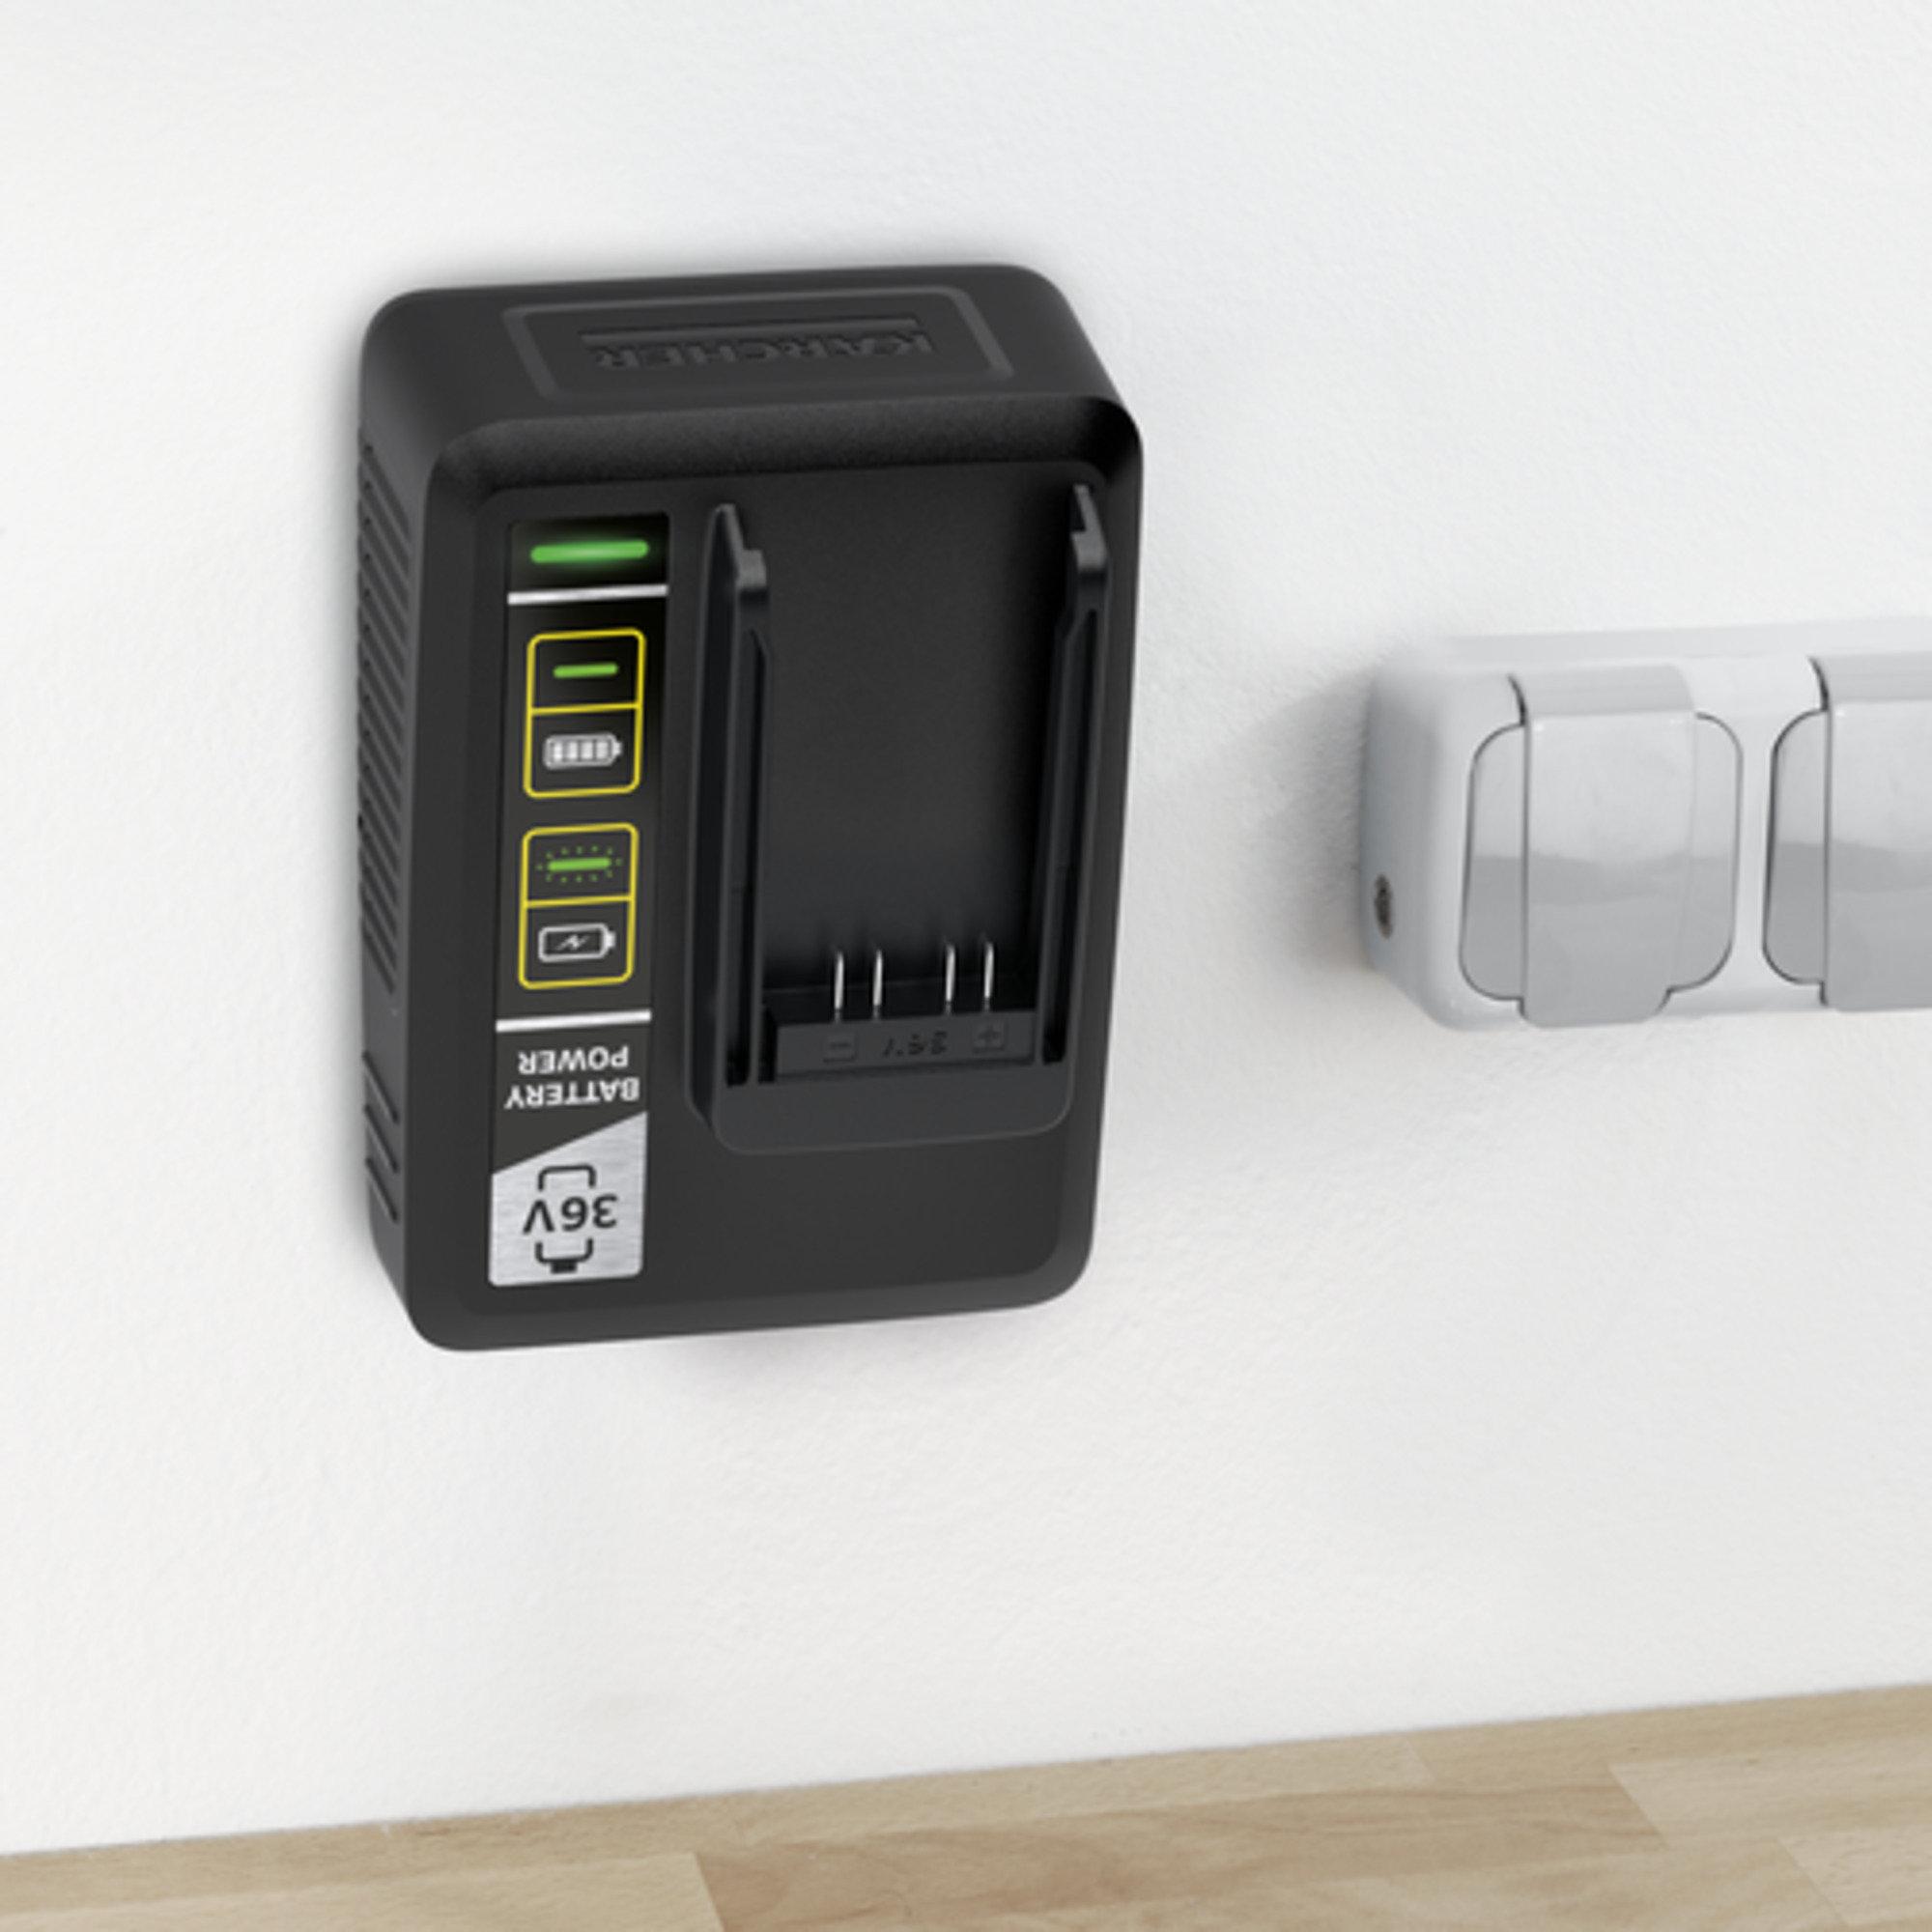 Kiirlaadija Battery Power 36 V: Seinakinnitus